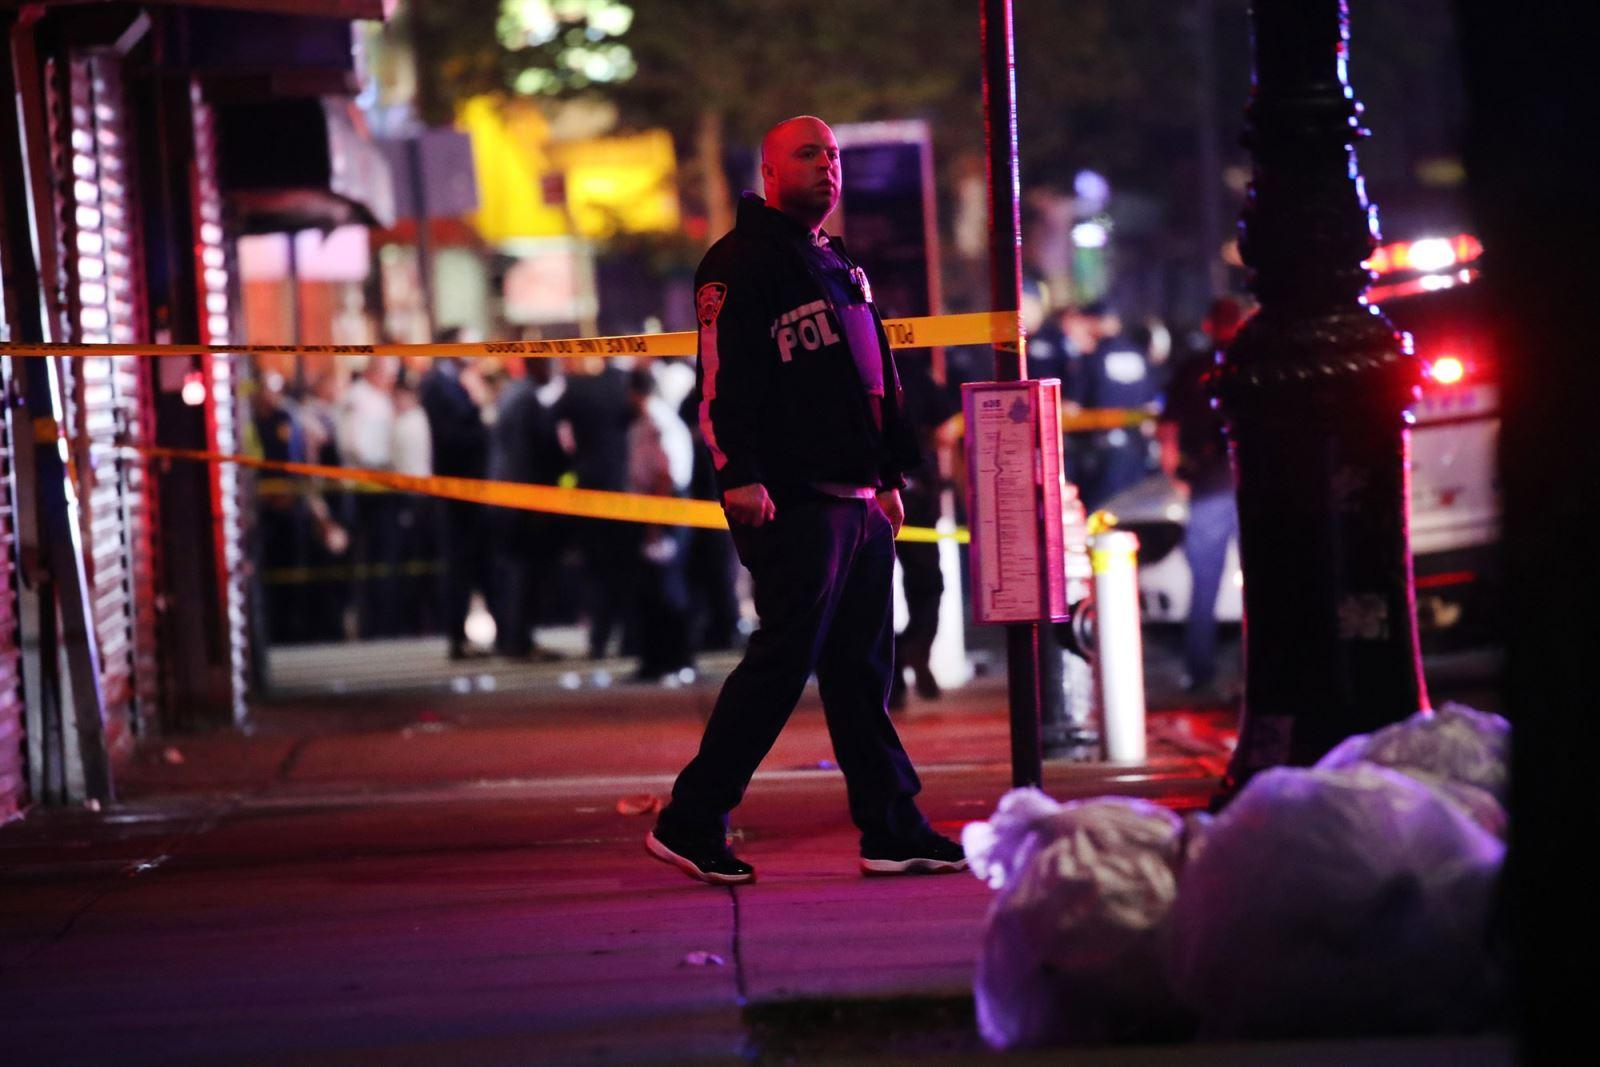 Ngăn chặn hôi của, cảnh sát Mỹ bị đâm vào cổ - ảnh 1